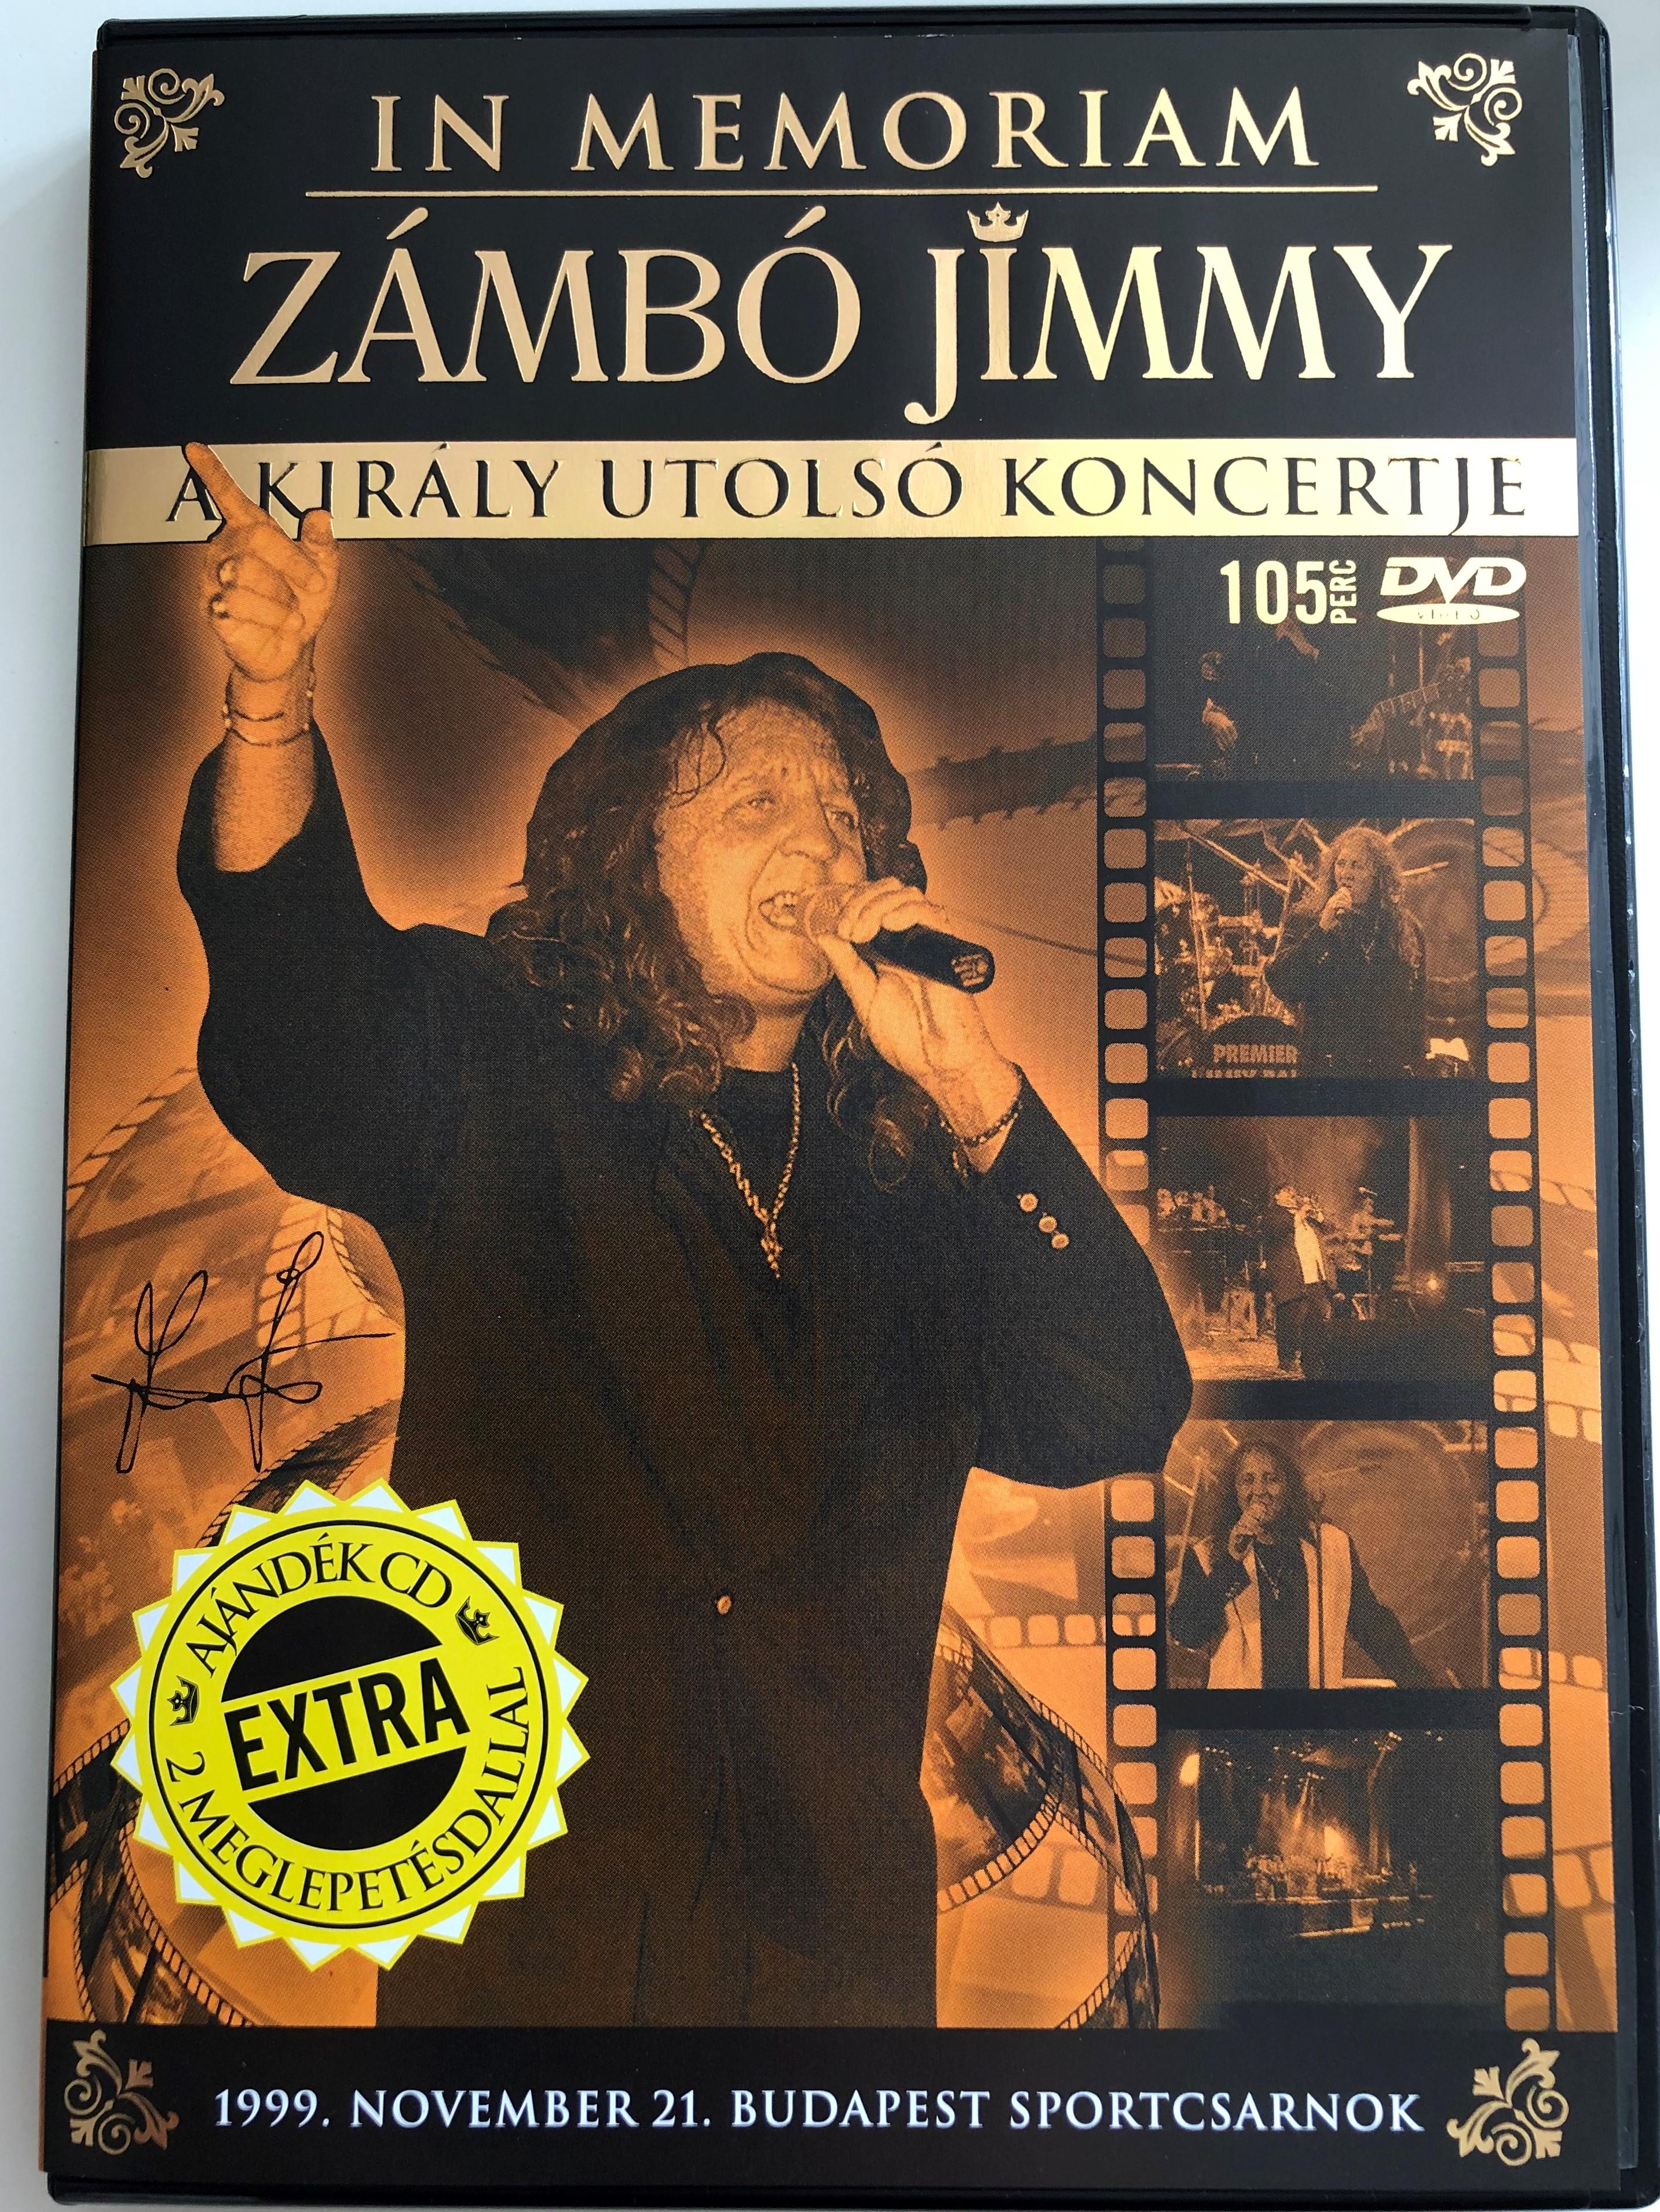 in-memoriam-z-mb-jimmy-dvd-2006-a-kir-ly-utols-koncertje-1999.-nov.-21-budapest-sportcsarnok-bonus-cd-with-2-extras-1-.jpg